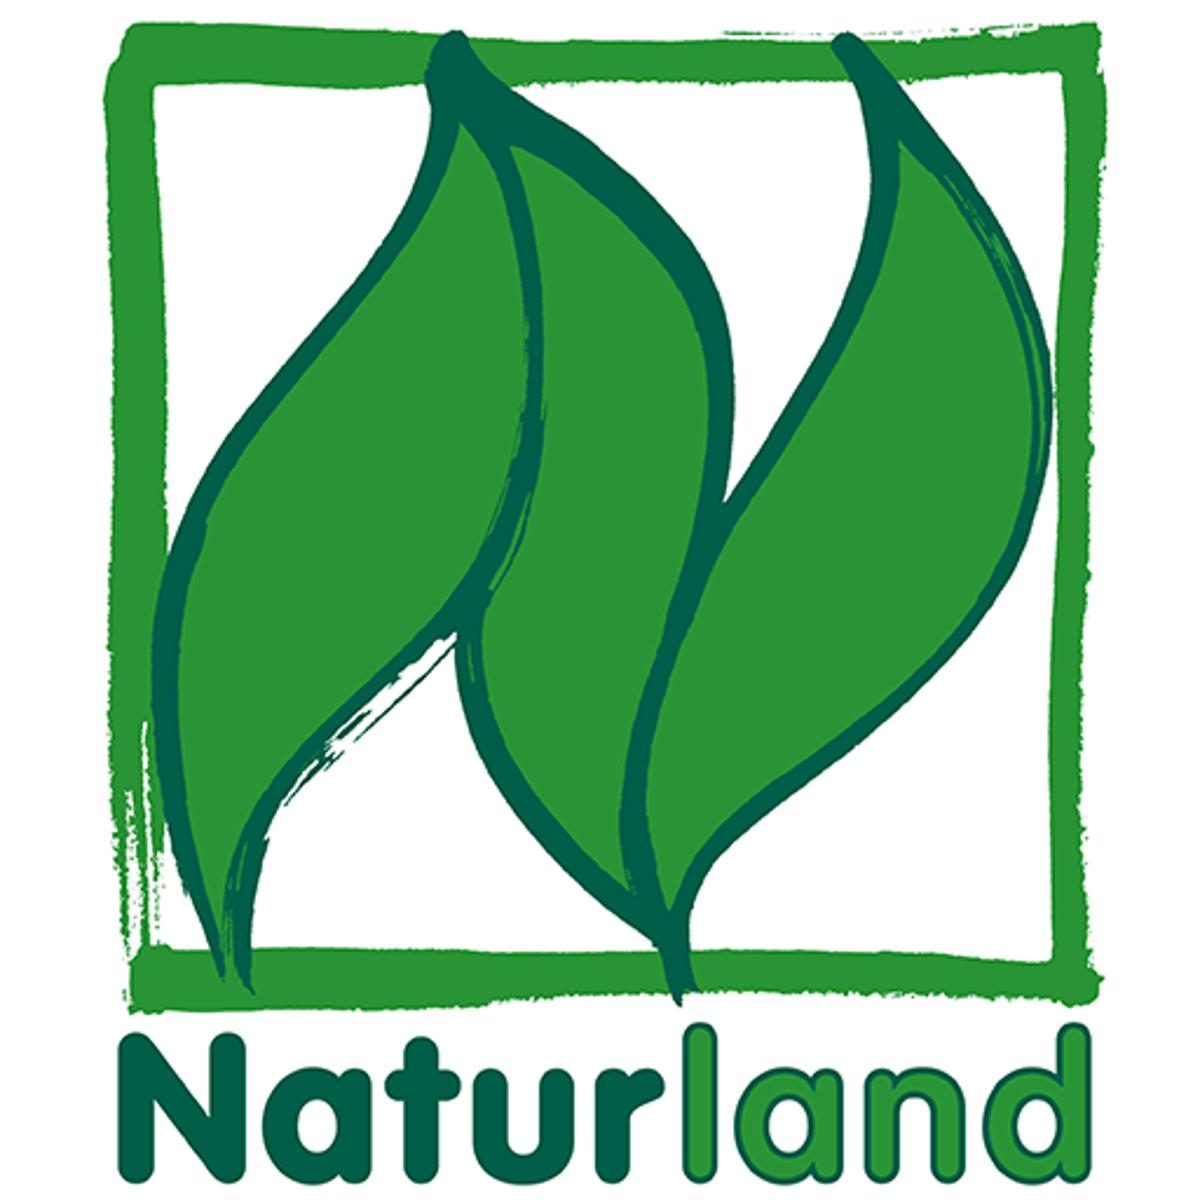 Logo Naturland - Verband für ökologischen Landbau e.V.